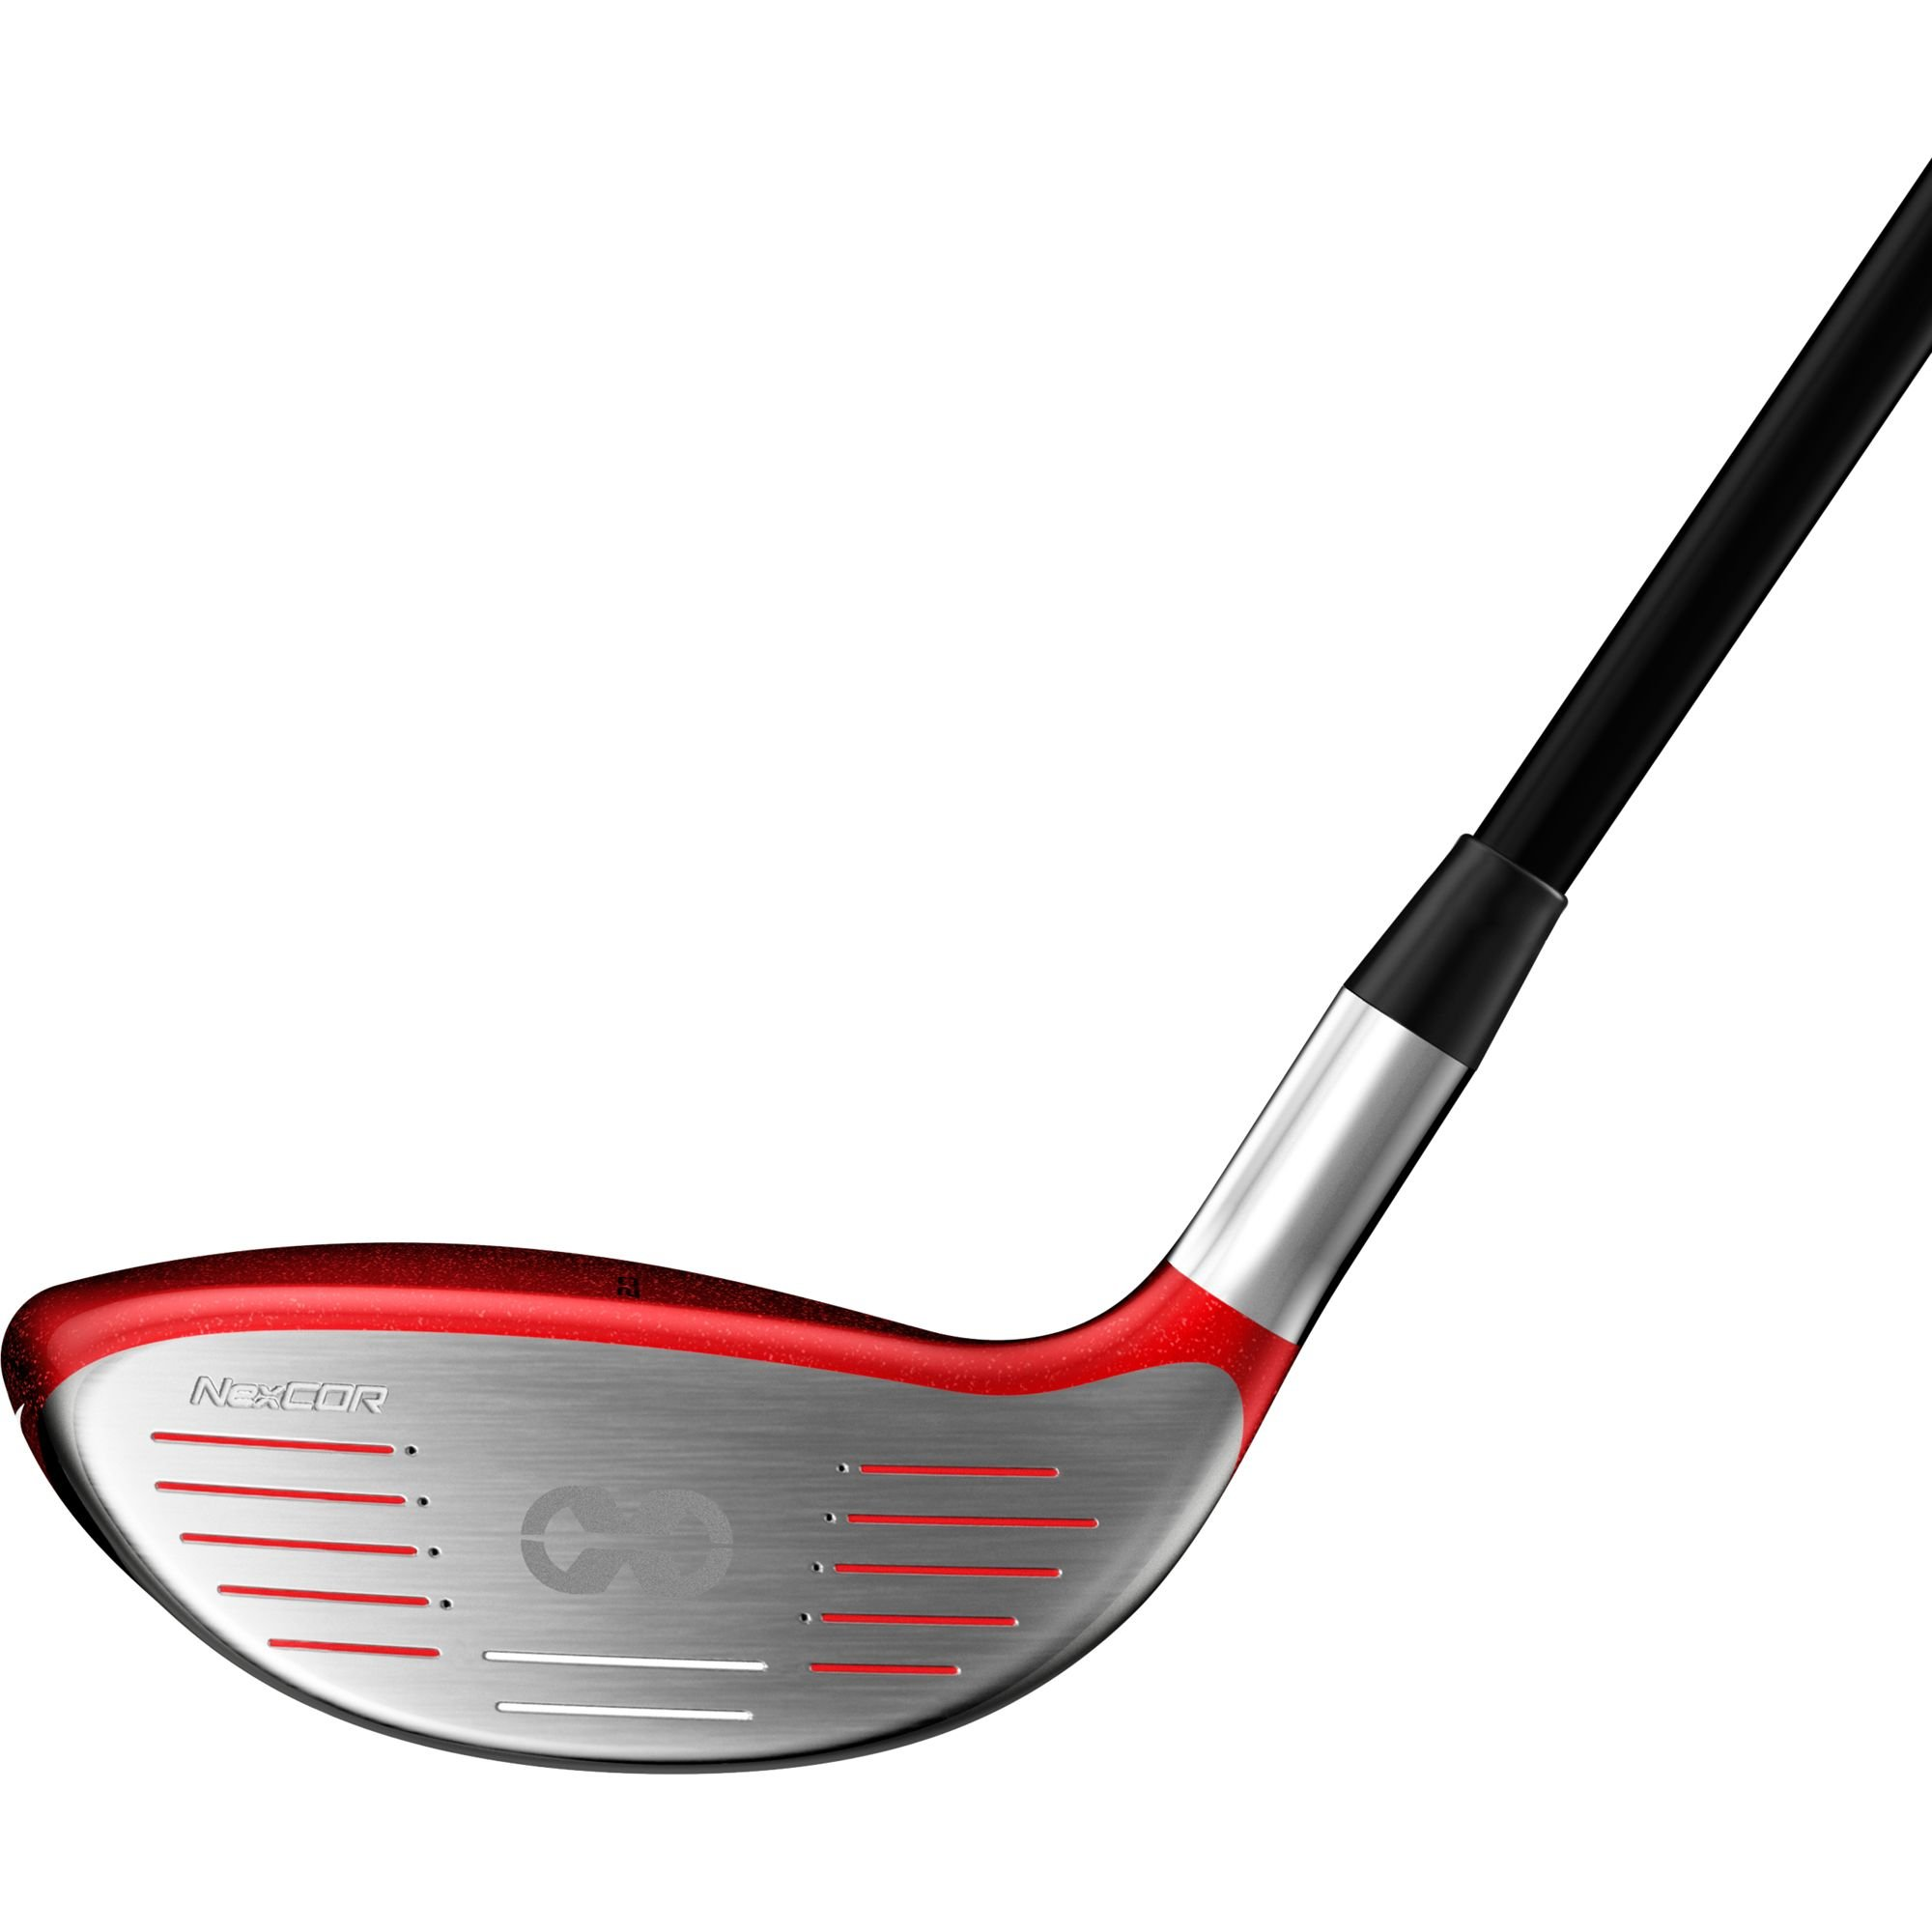 Nike Golf Men's VRS Covert 2.0 Golf Fairway Wood, Left Hand, Graphite, Regular, 15-Degree